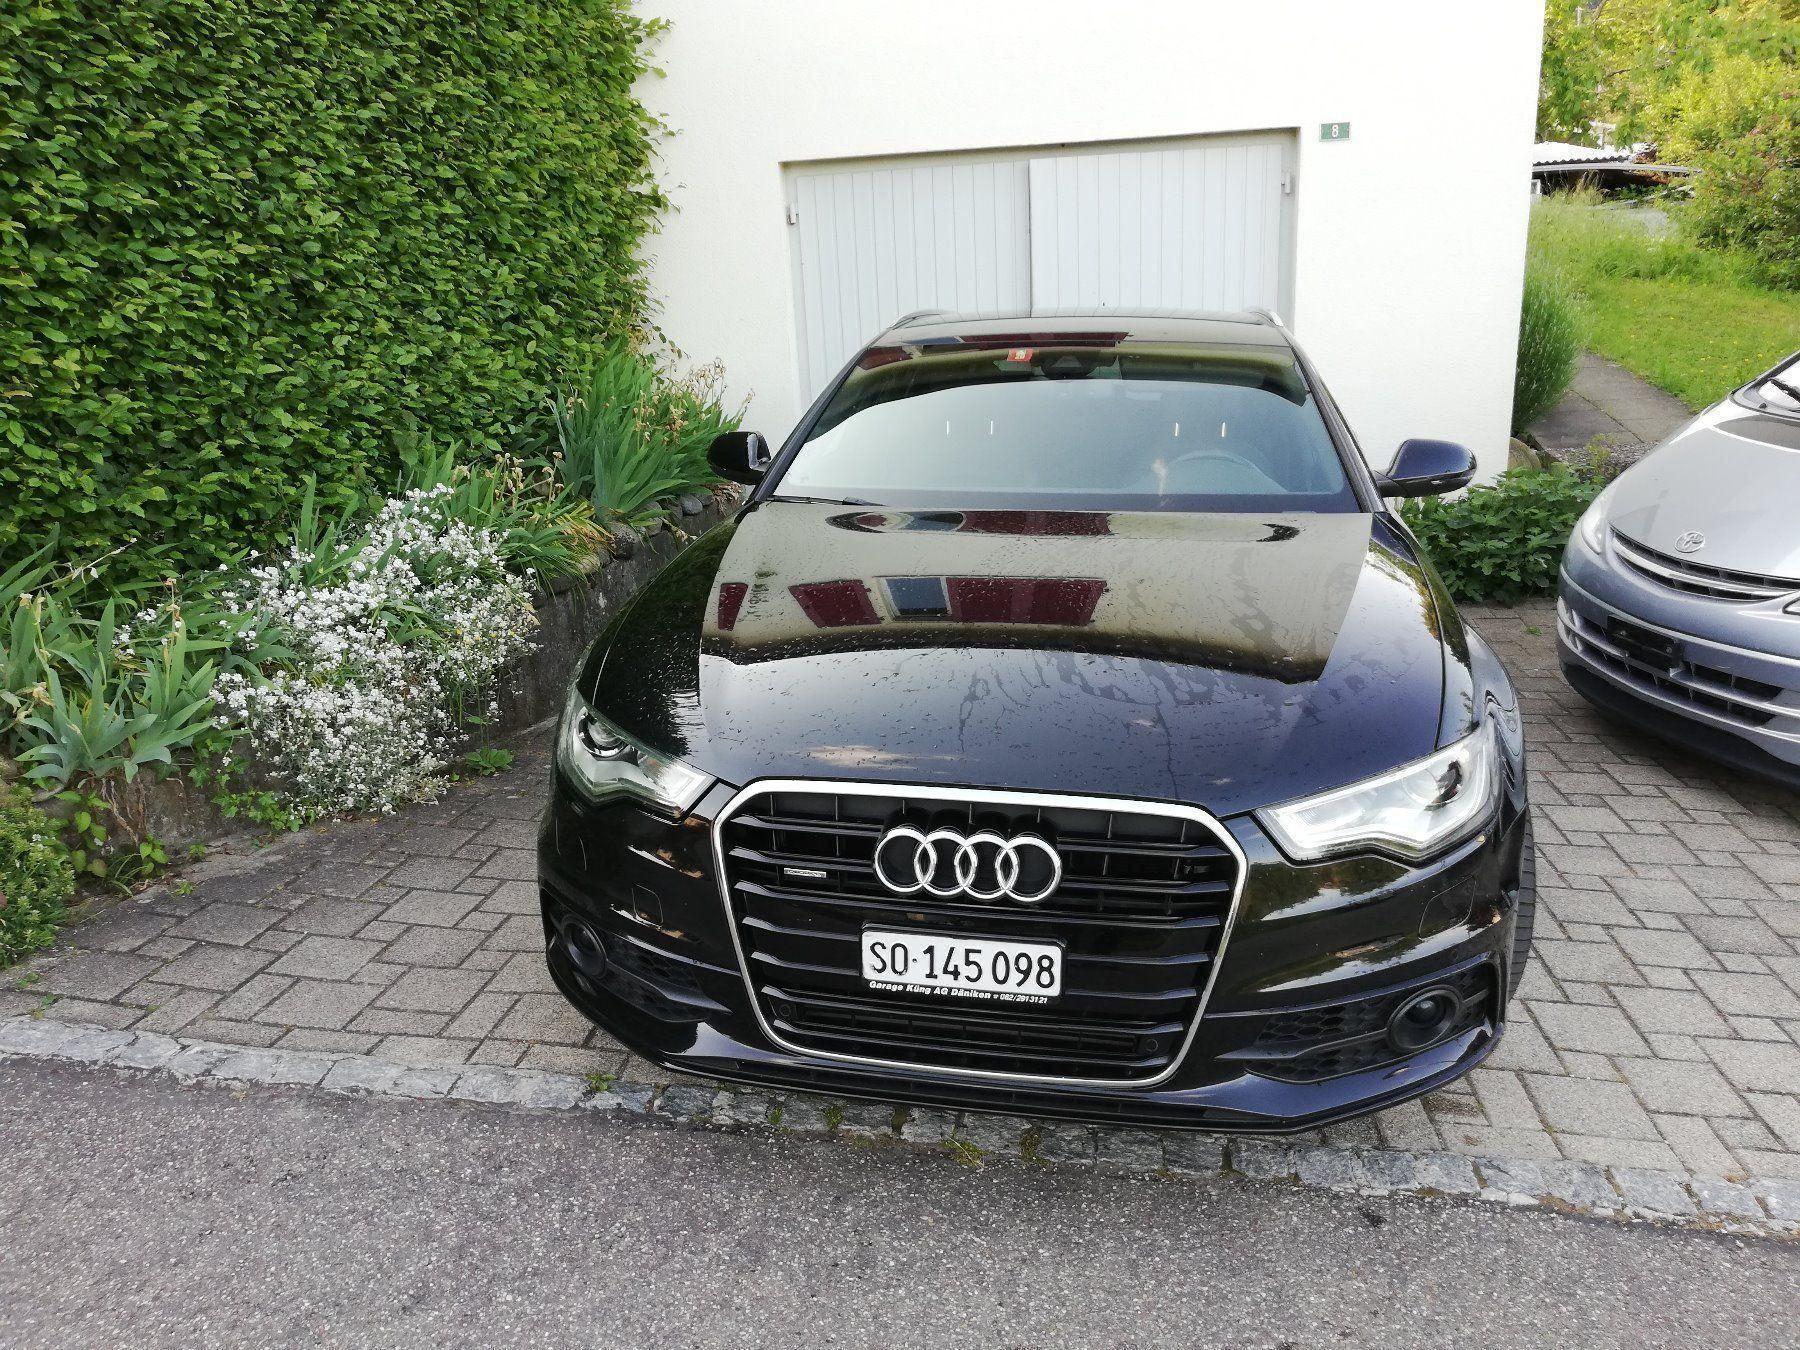 Audi A6 Avant 3.0 V6 TDI 313 Ambition q.